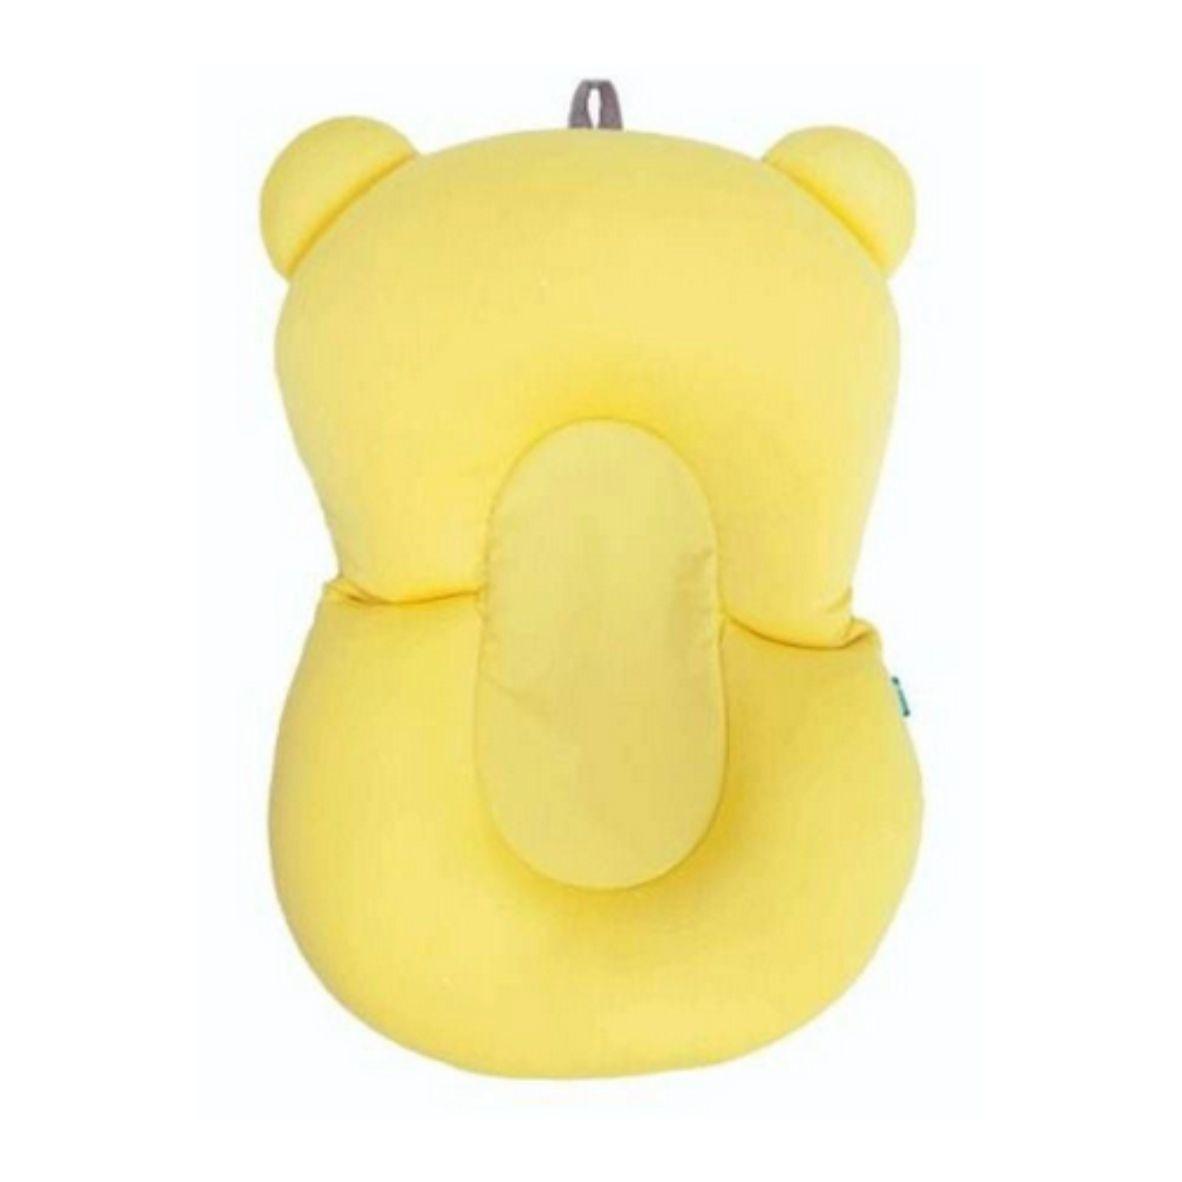 Almofada para Banho Baby Amarela - Buba